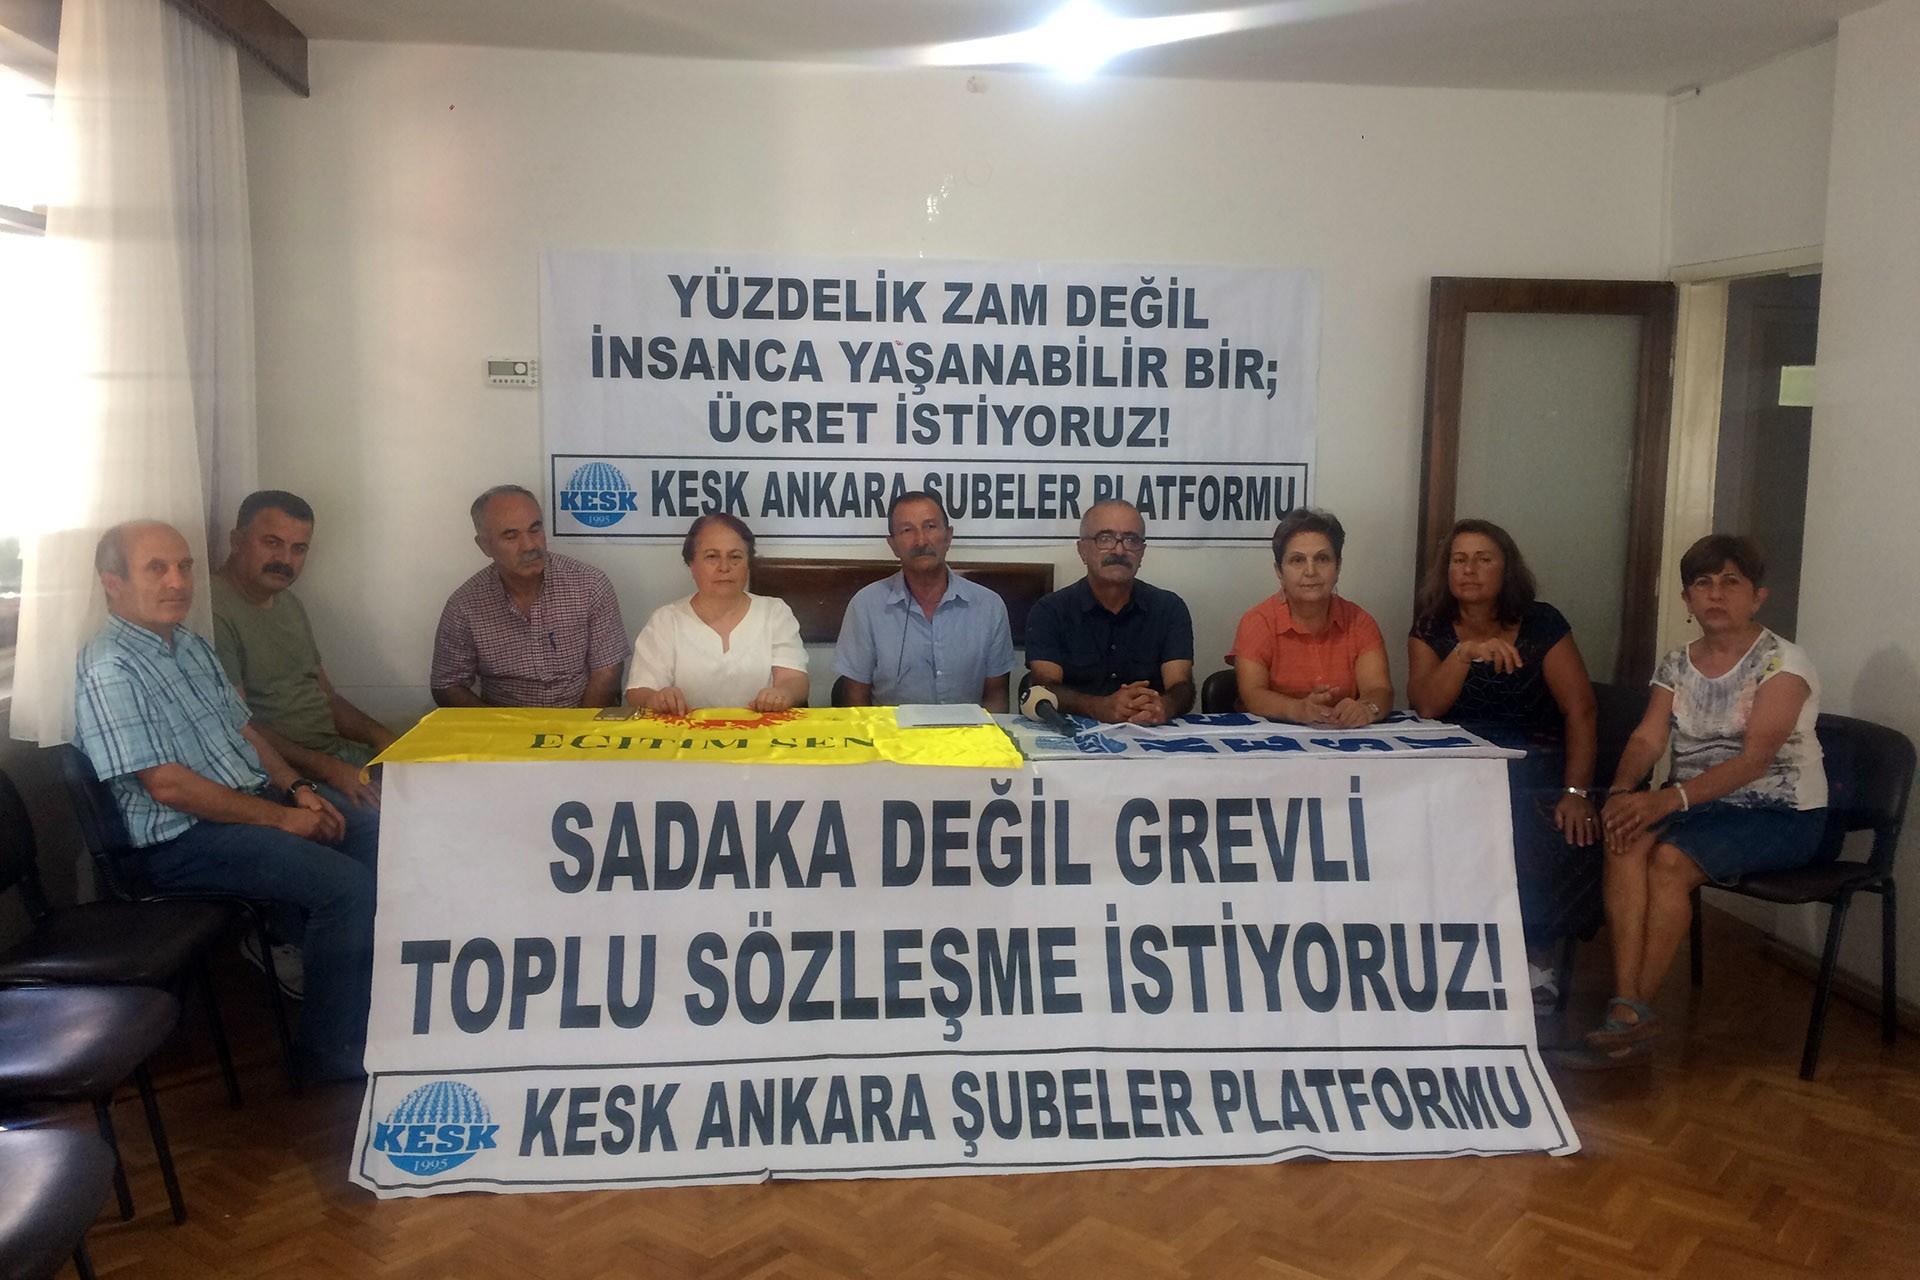 KESK'ten 27 Ağustos grevine çağrı: Bizi yok sayan tekliflere karşı omuz omuza